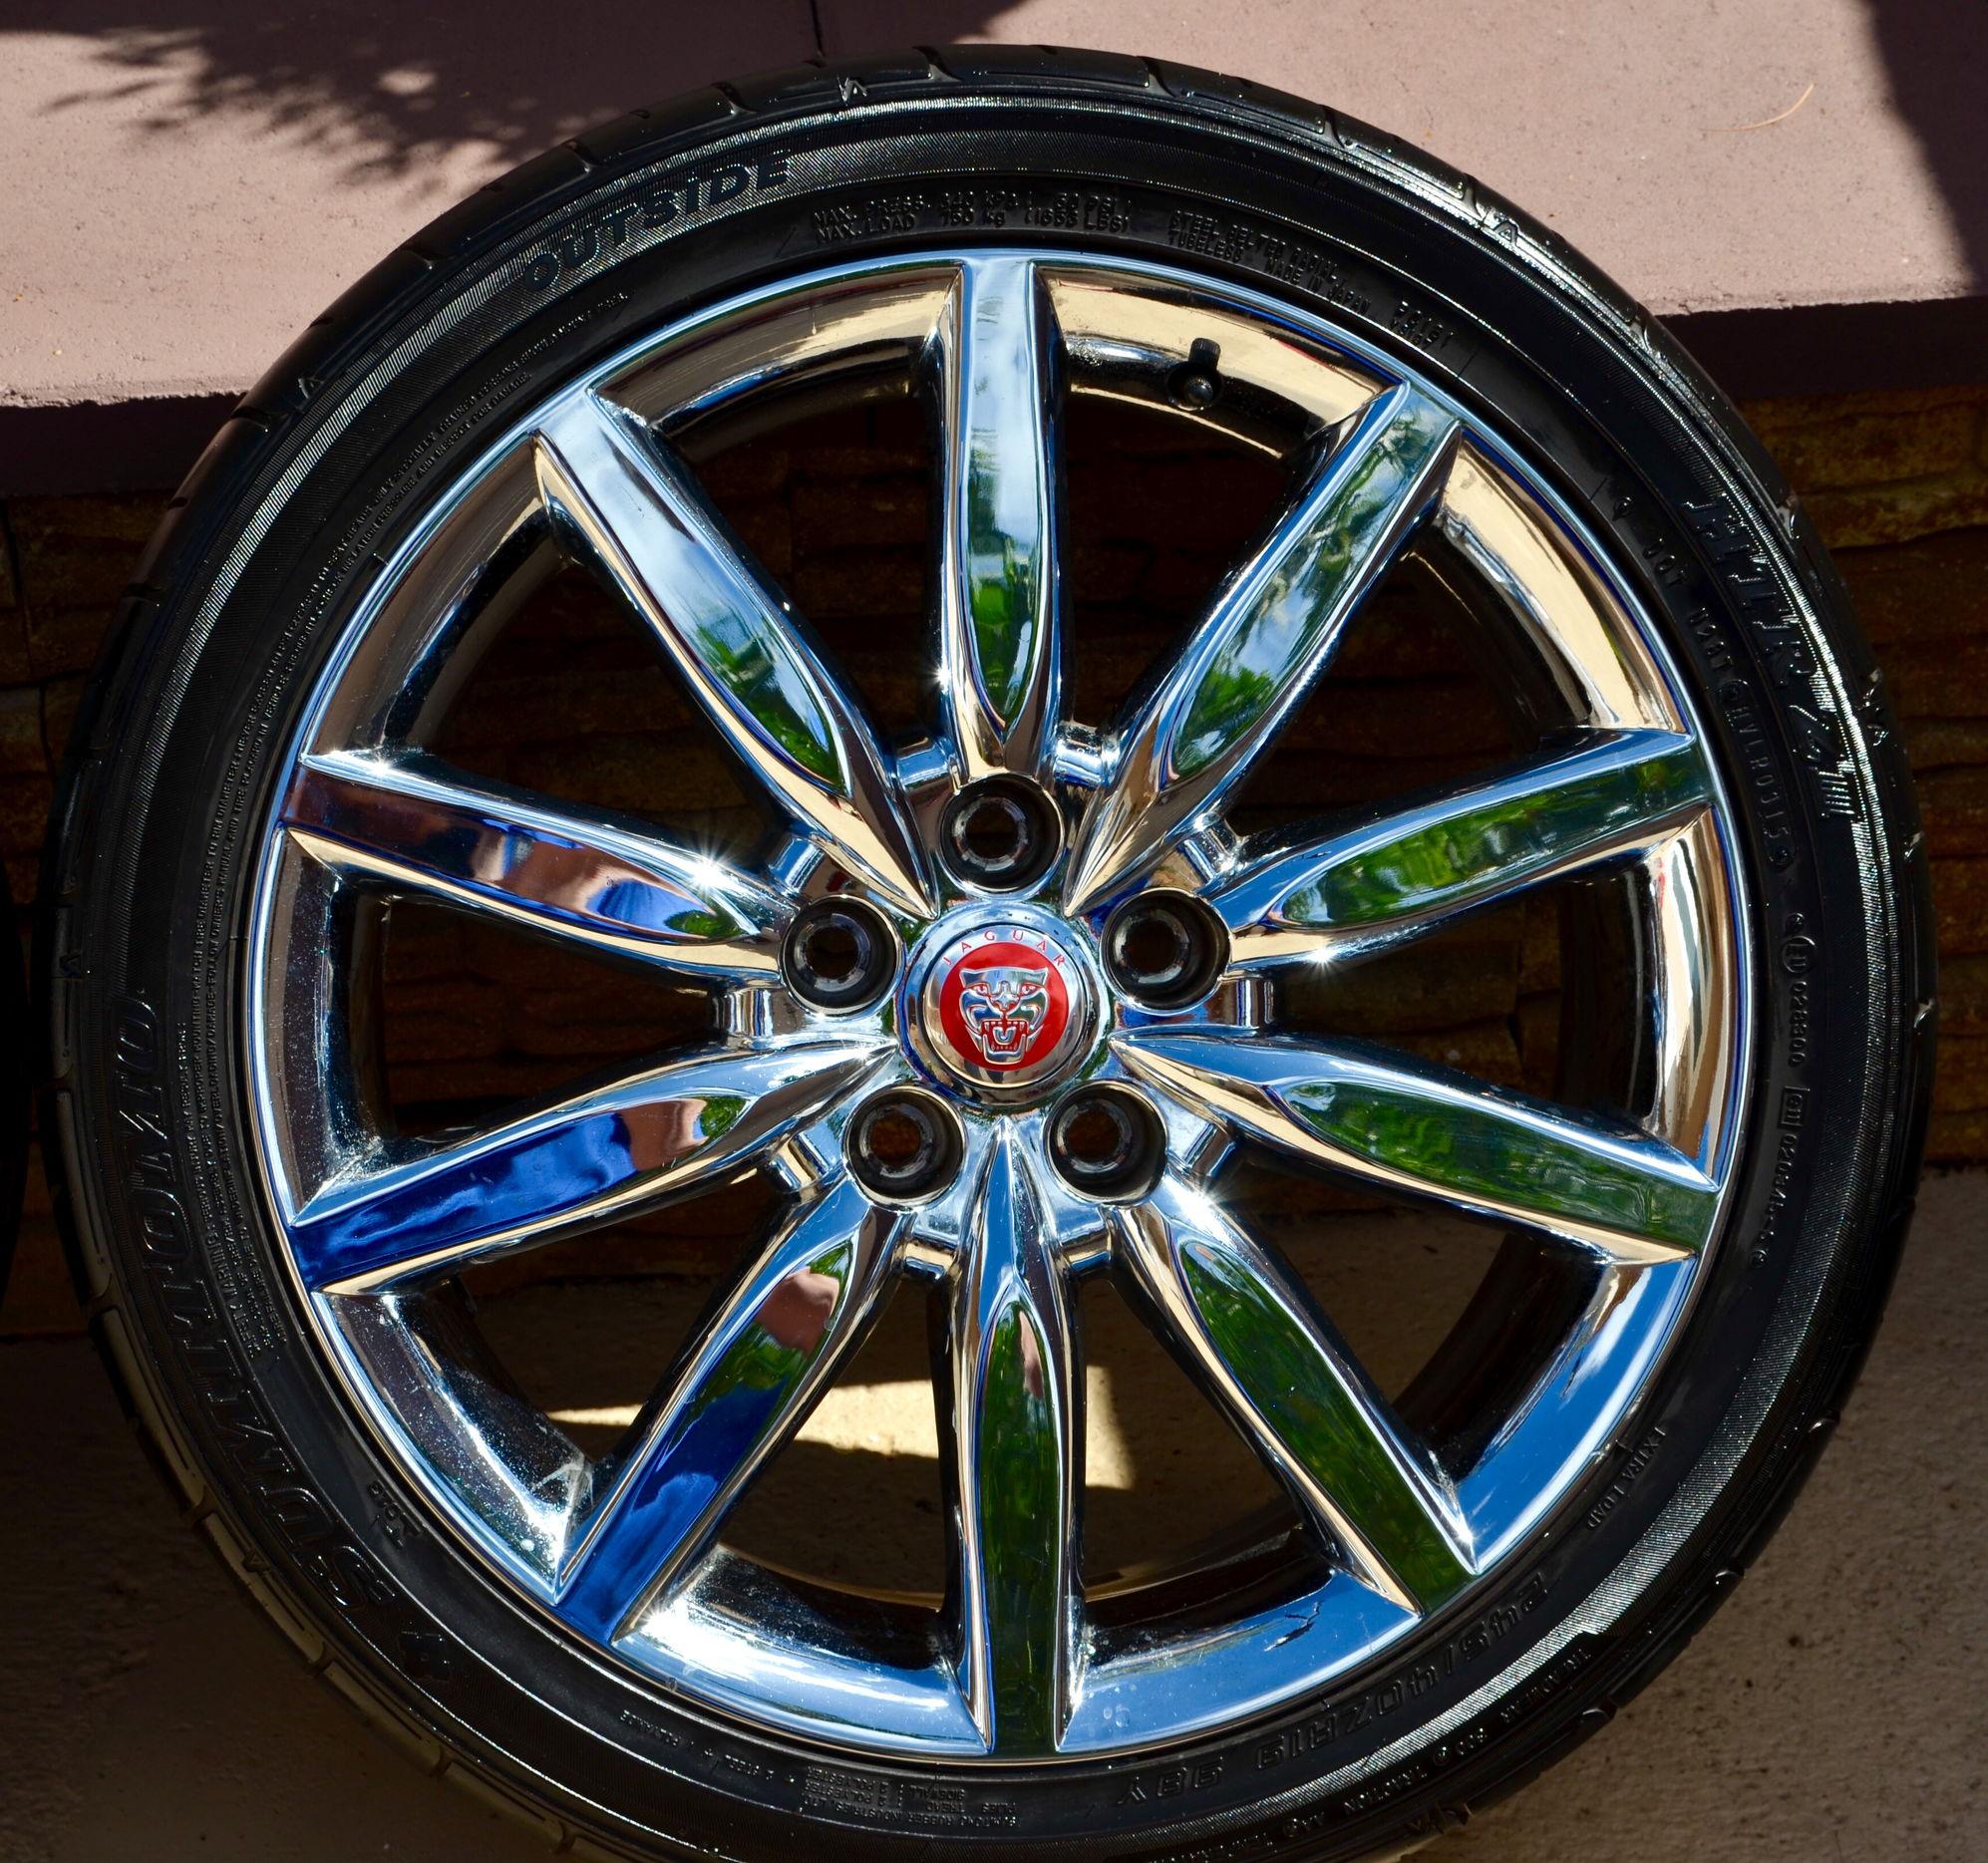 2010 Jaguar For Sale: FS [SouthEast]: Jaguar XK8 XKR Atlas Chrome Wheels (set Of